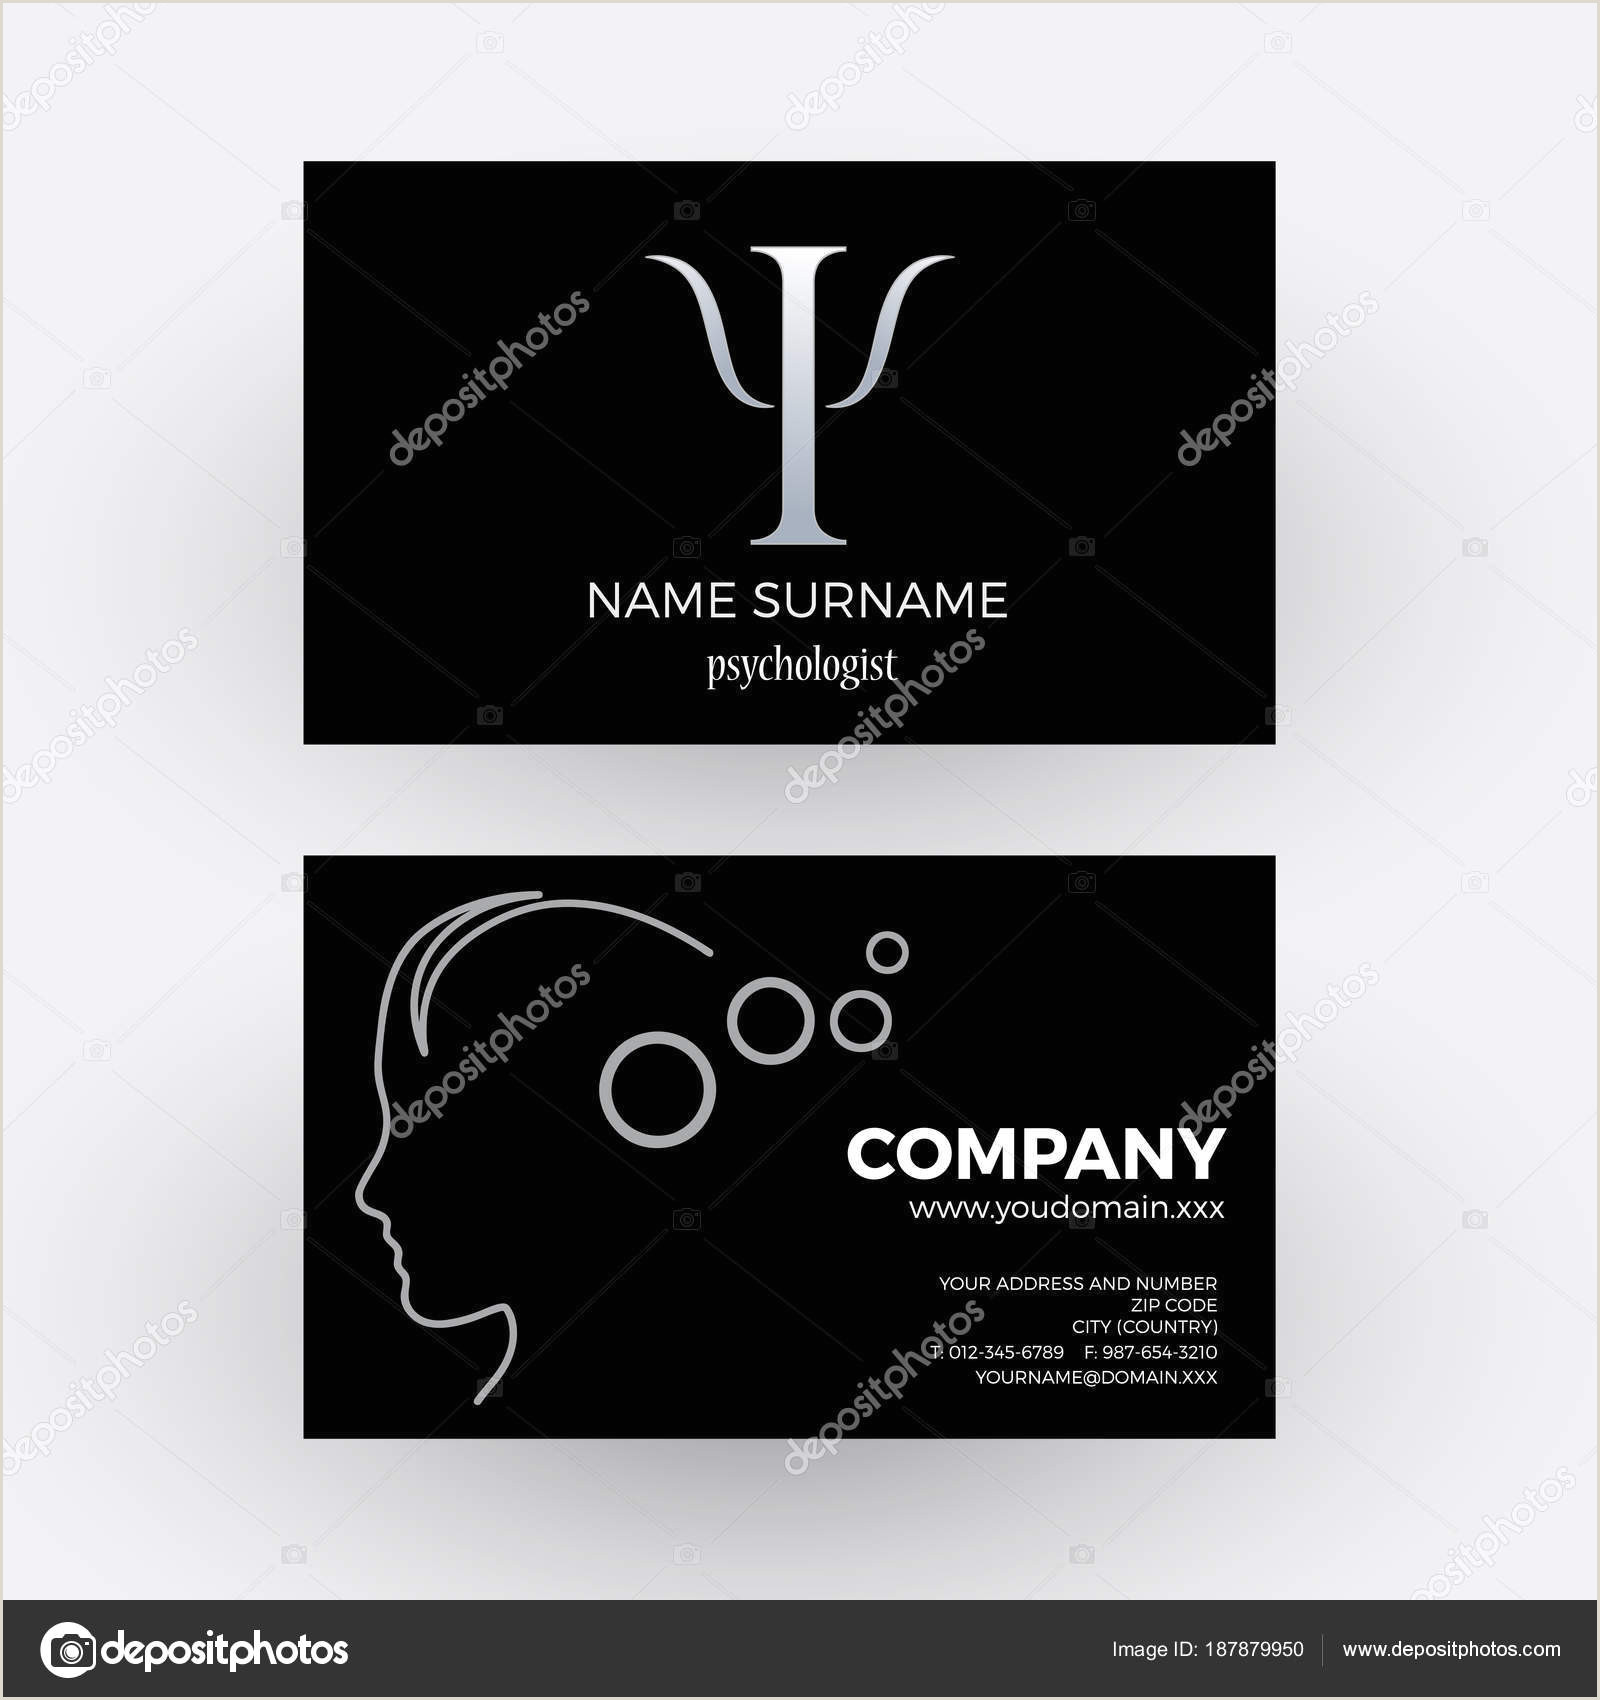 Psychologist Unique Business Cards Vector Abstract Psychologist Business Card In Black